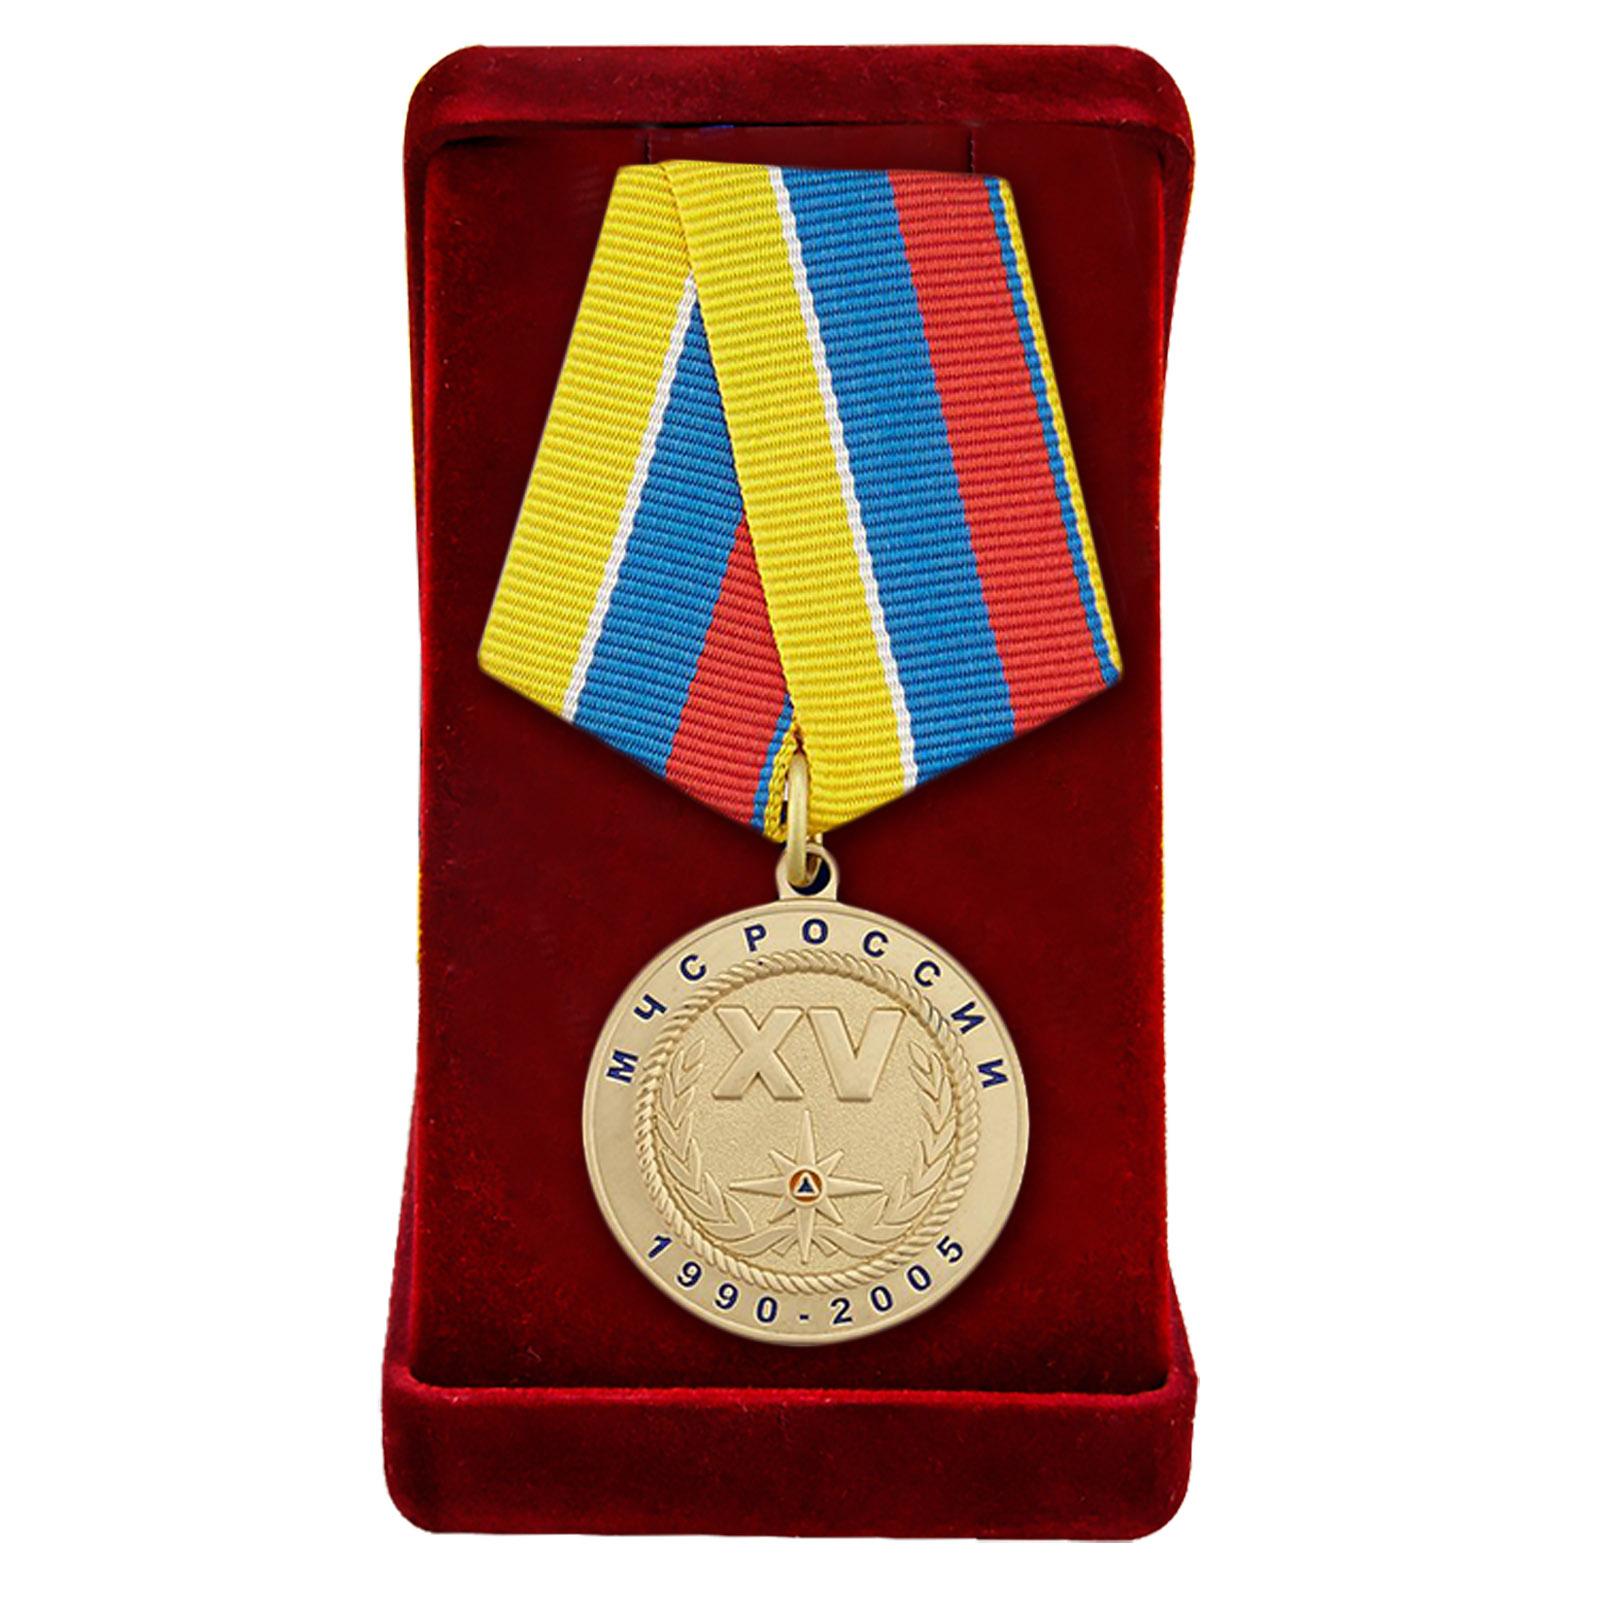 Купить медаль МЧС РФ «За особые заслуги» в подарок выгодно